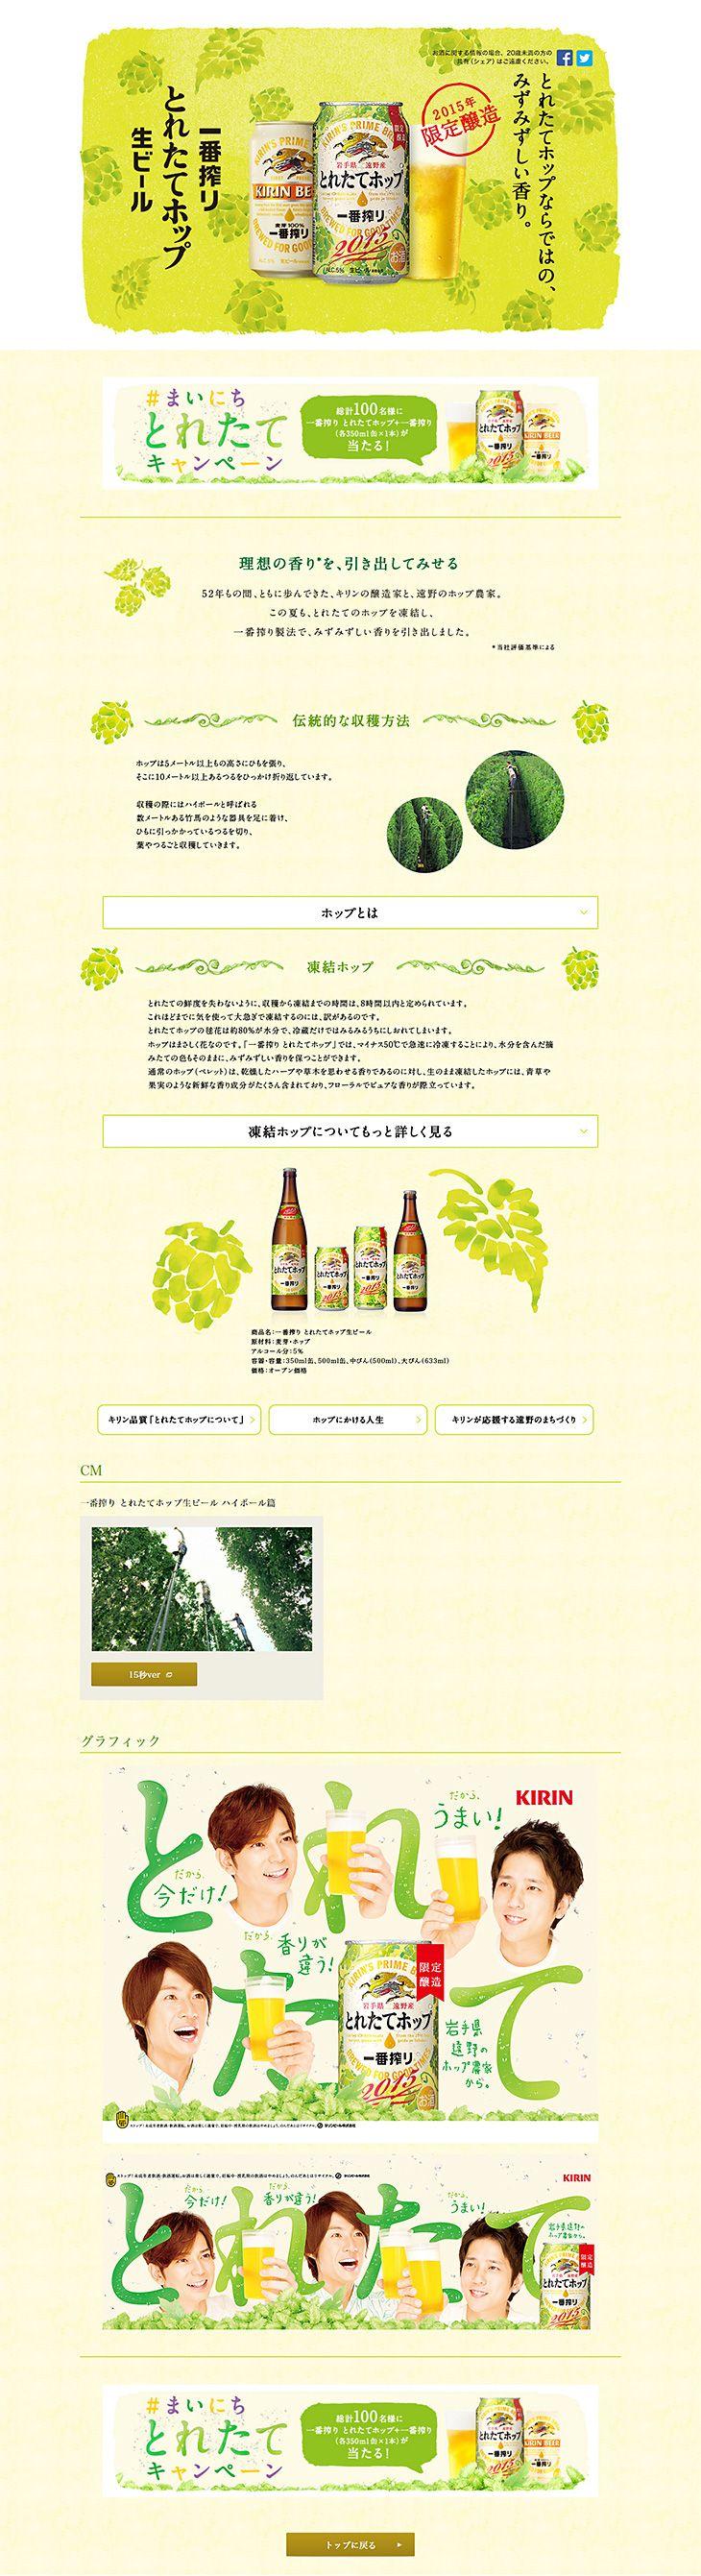 一番搾り とれたてホップ生ビール【飲料・お酒関連】のLPデザイン。WEBデザイナーさん必見!ランディングページのデザイン参考に(信頼・安心系)